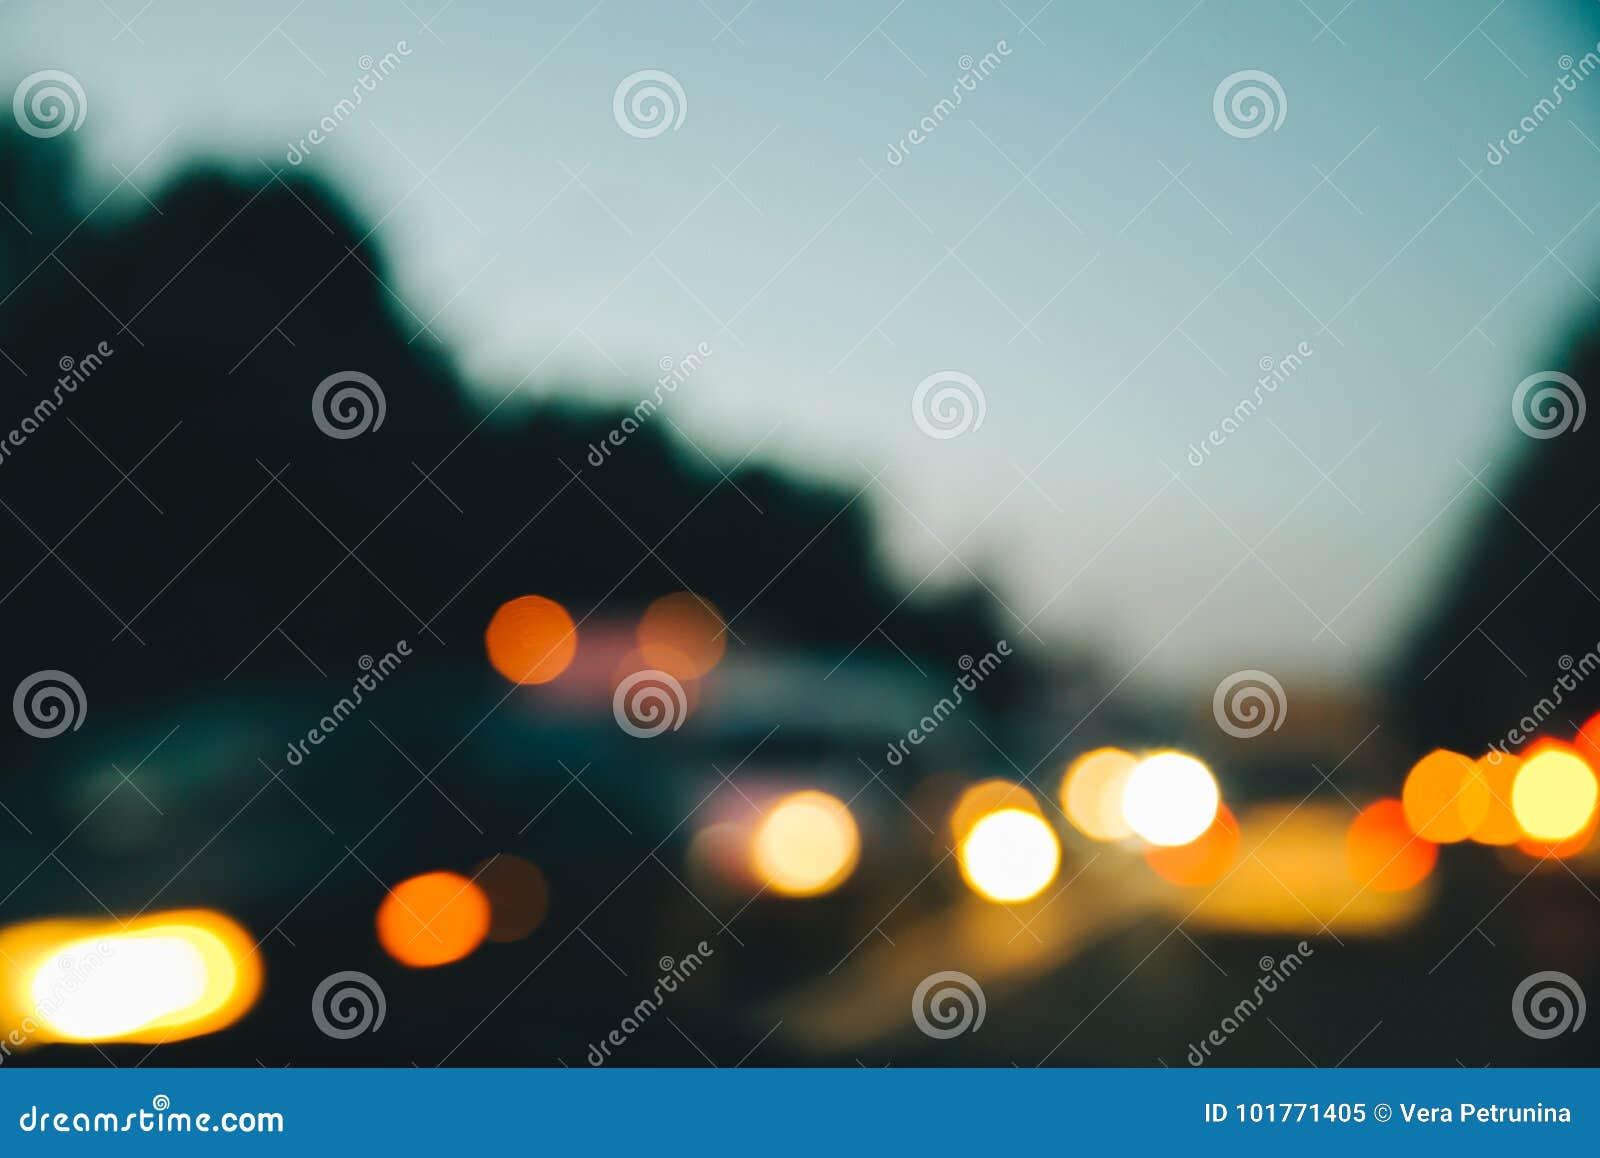 Blured汽车夜光